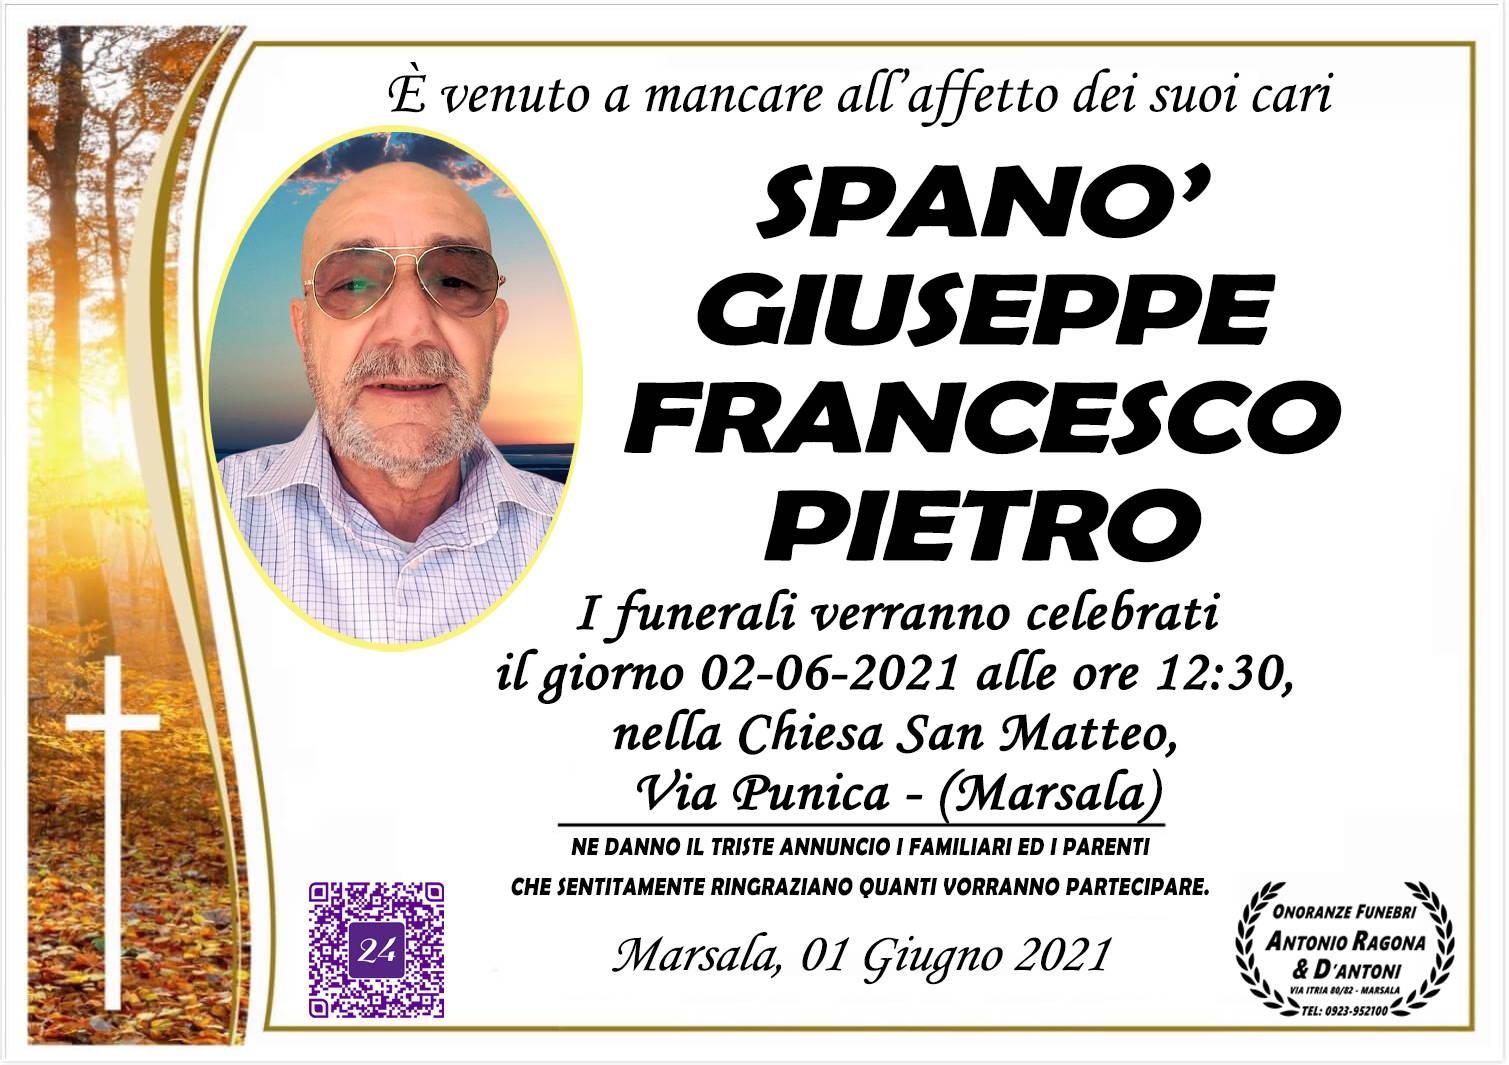 Giuseppe Francesco Pietro Spanò